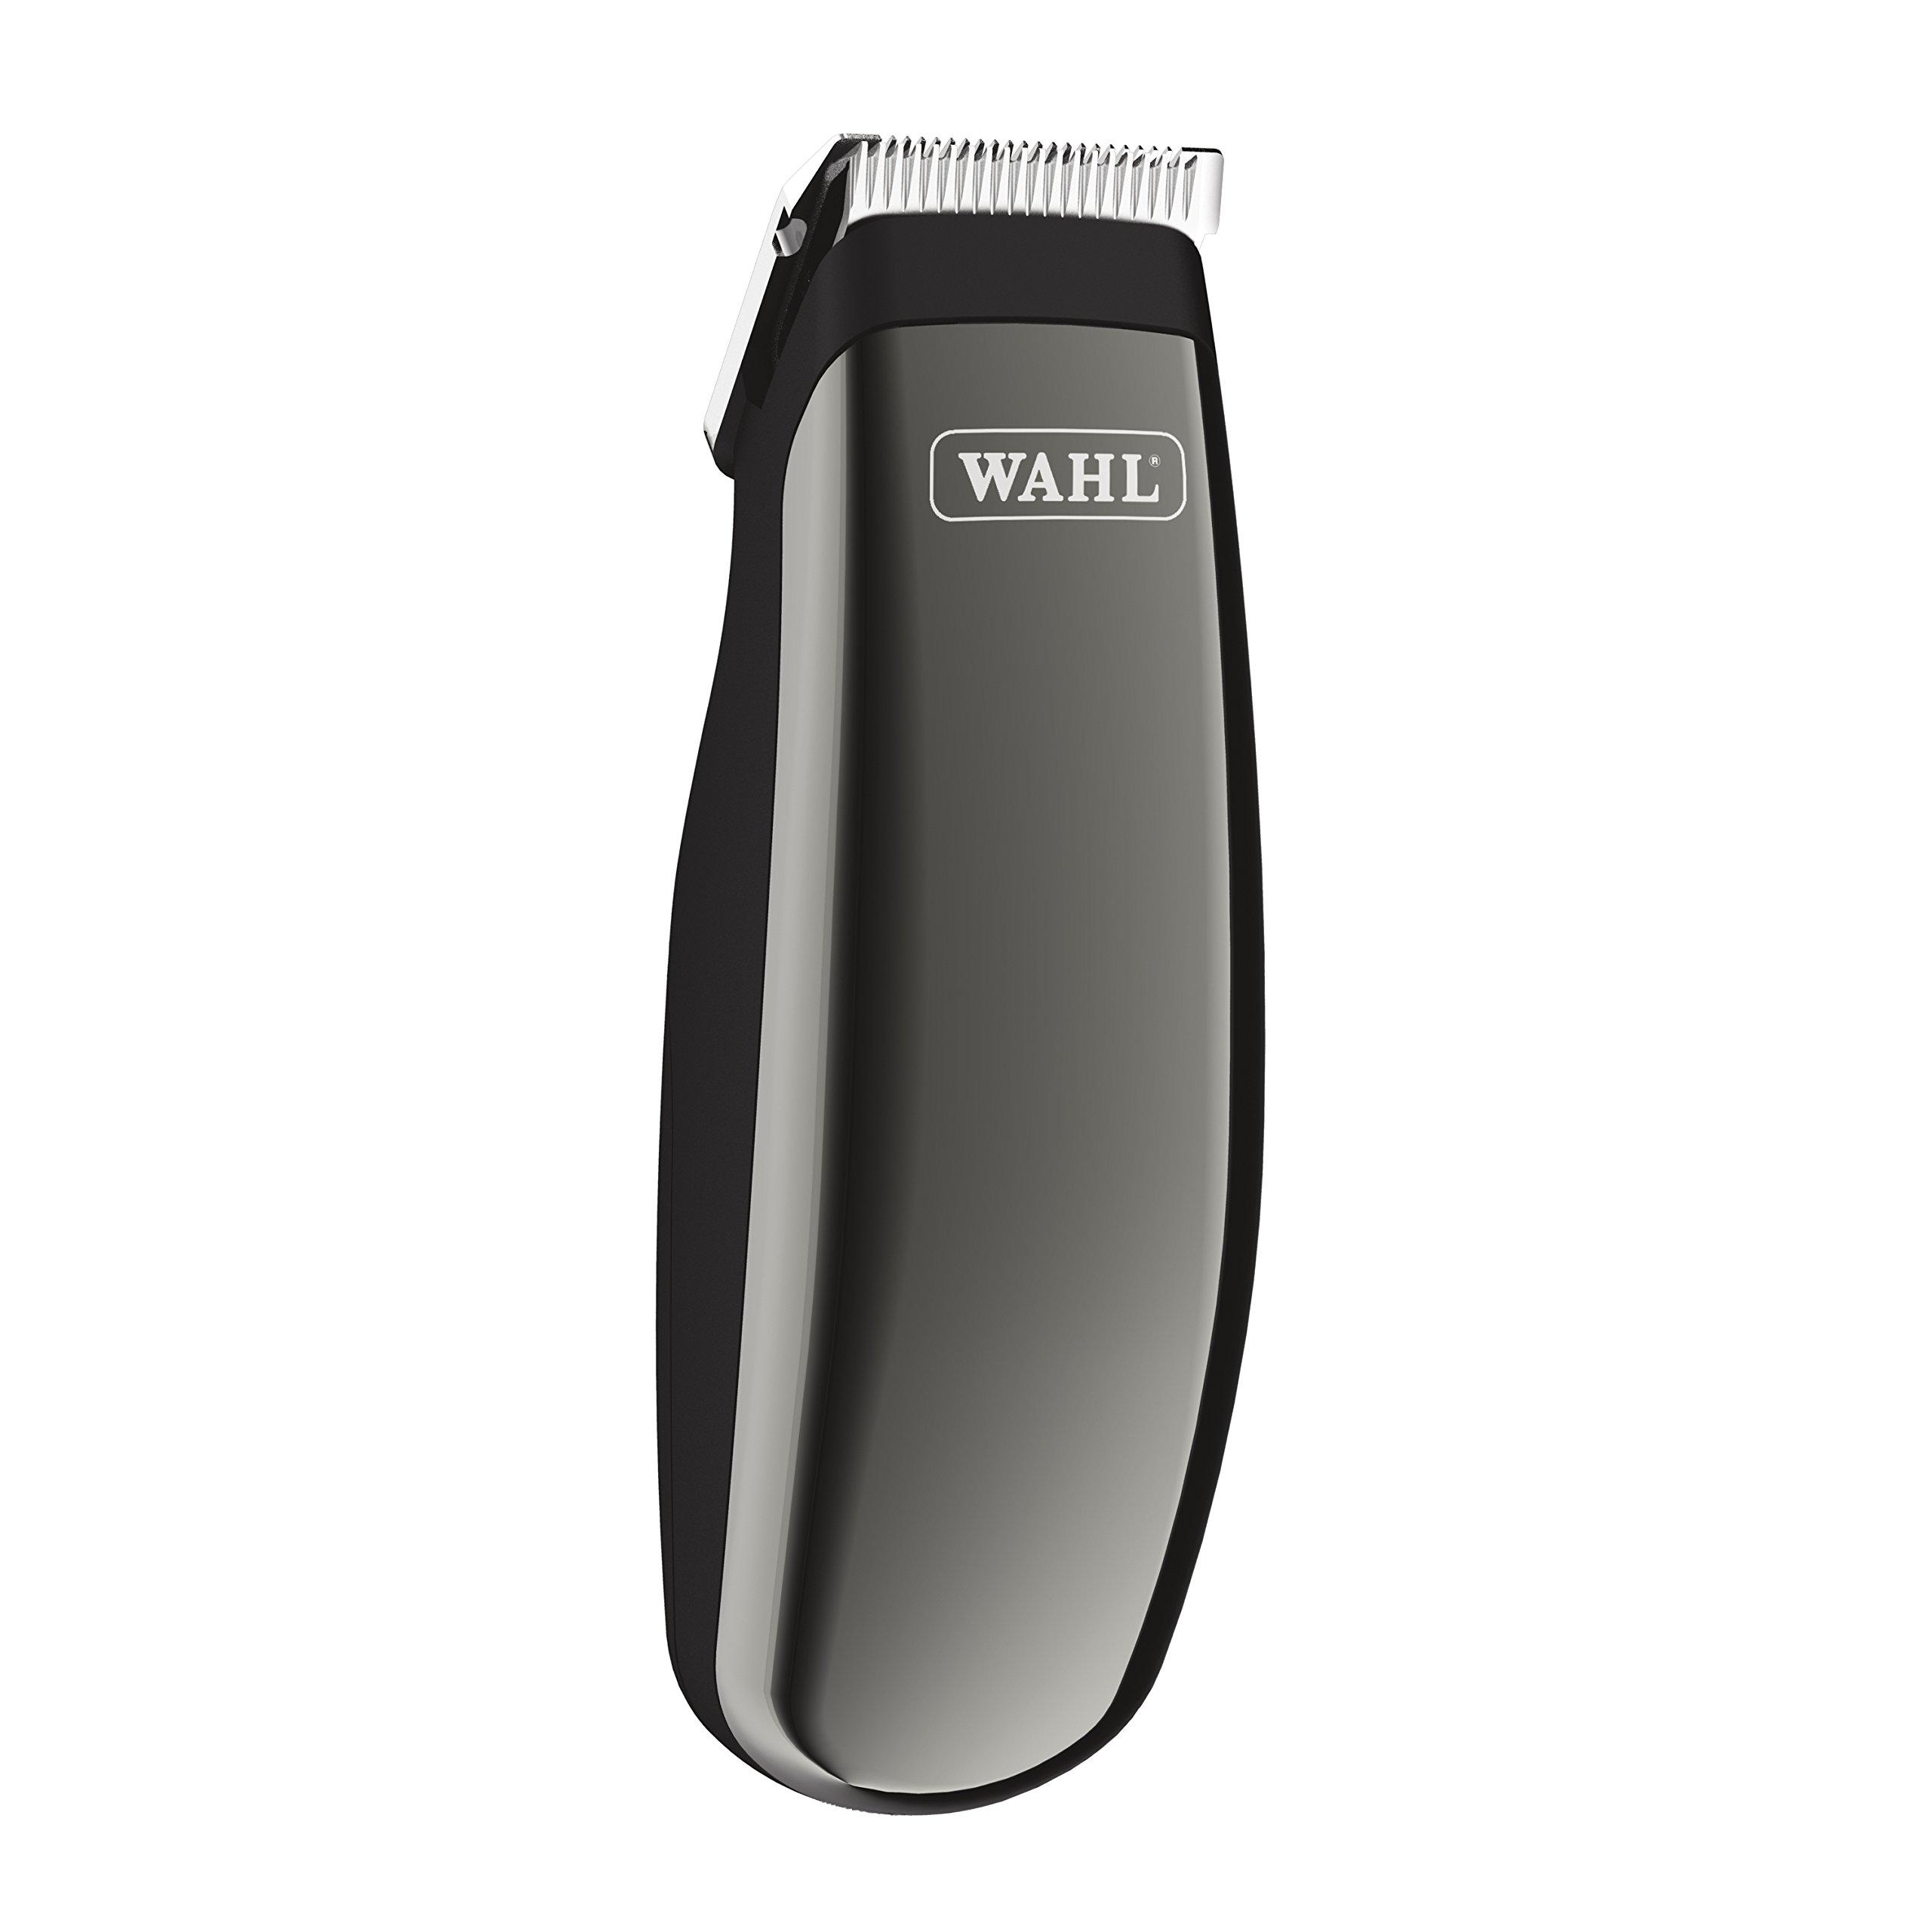 Wahl Professional Animal Super Pocket Pro Trimmer #9961-2801